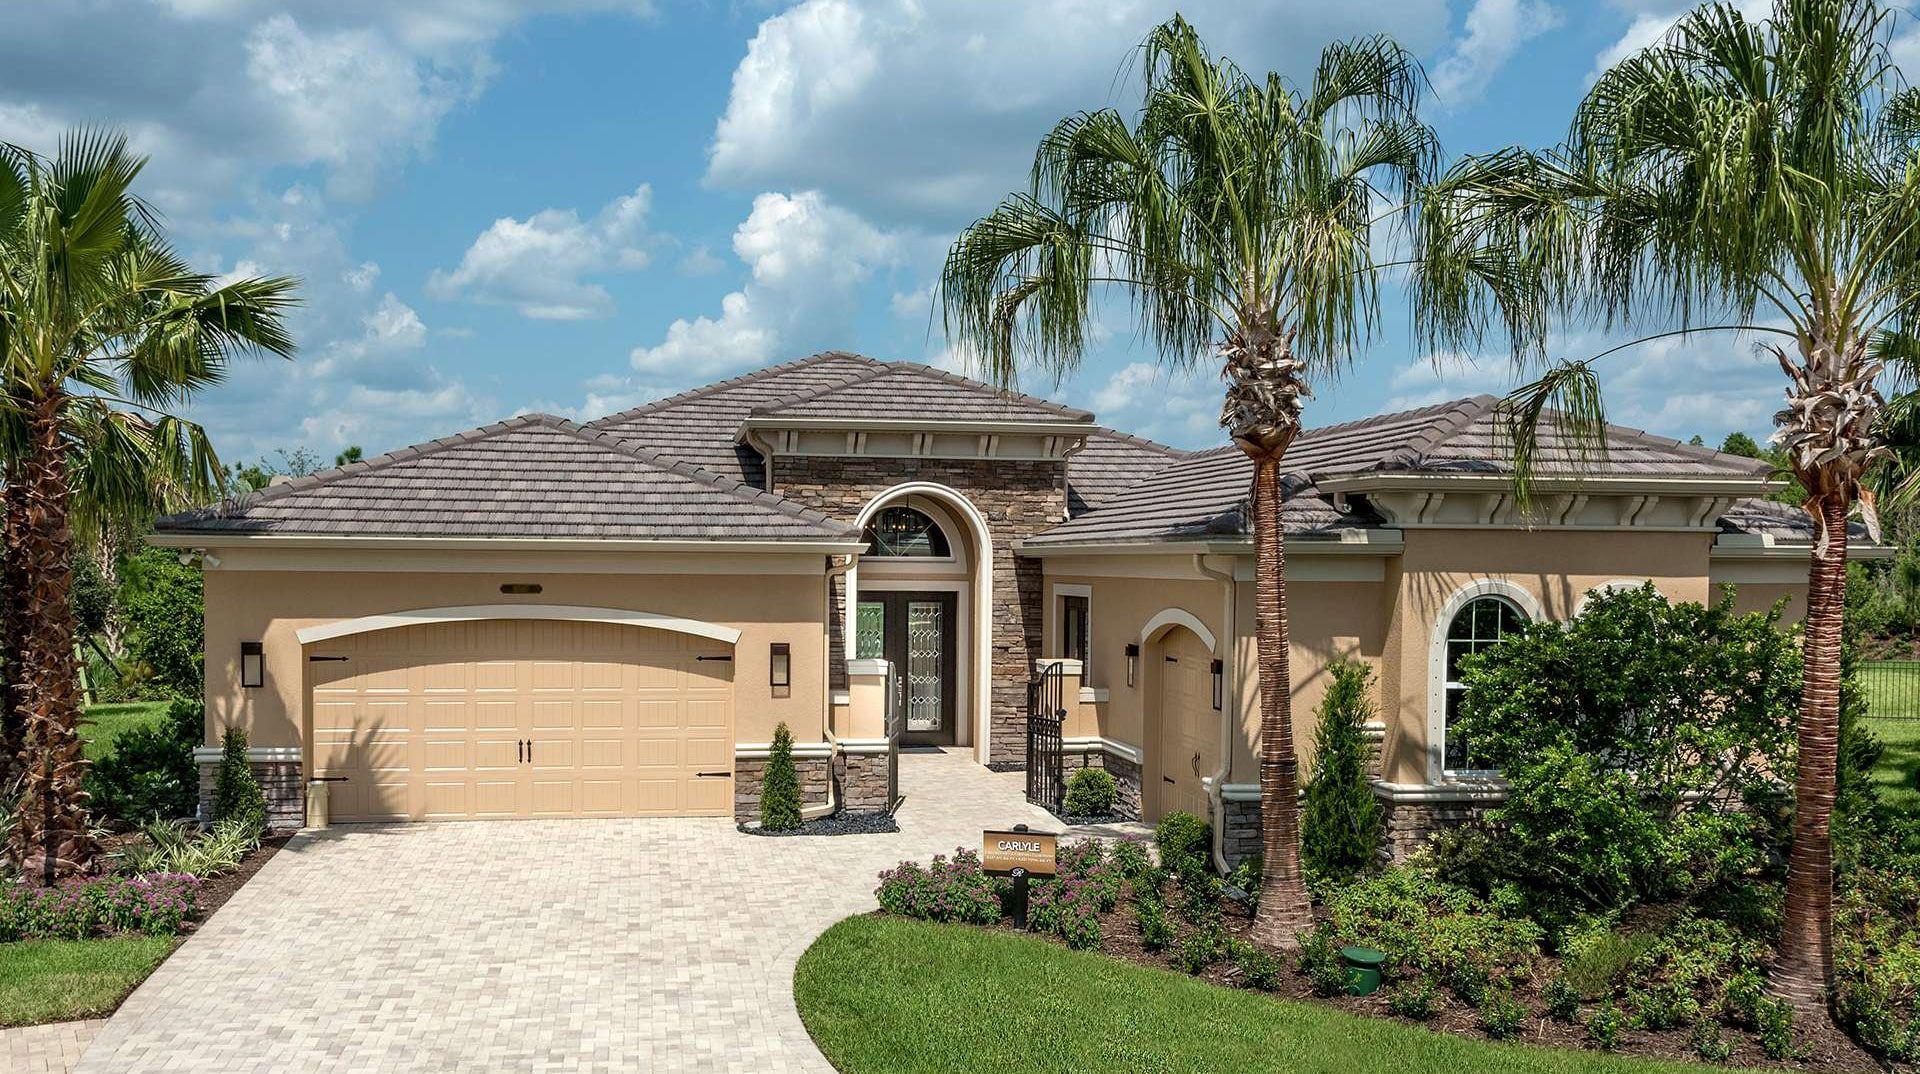 Tampa Bay FHA Mortgage Programs, Tampa FHA Mortgage, Tampa FHA Mortgage, Tampa Bay FHA, FHA Mortgage